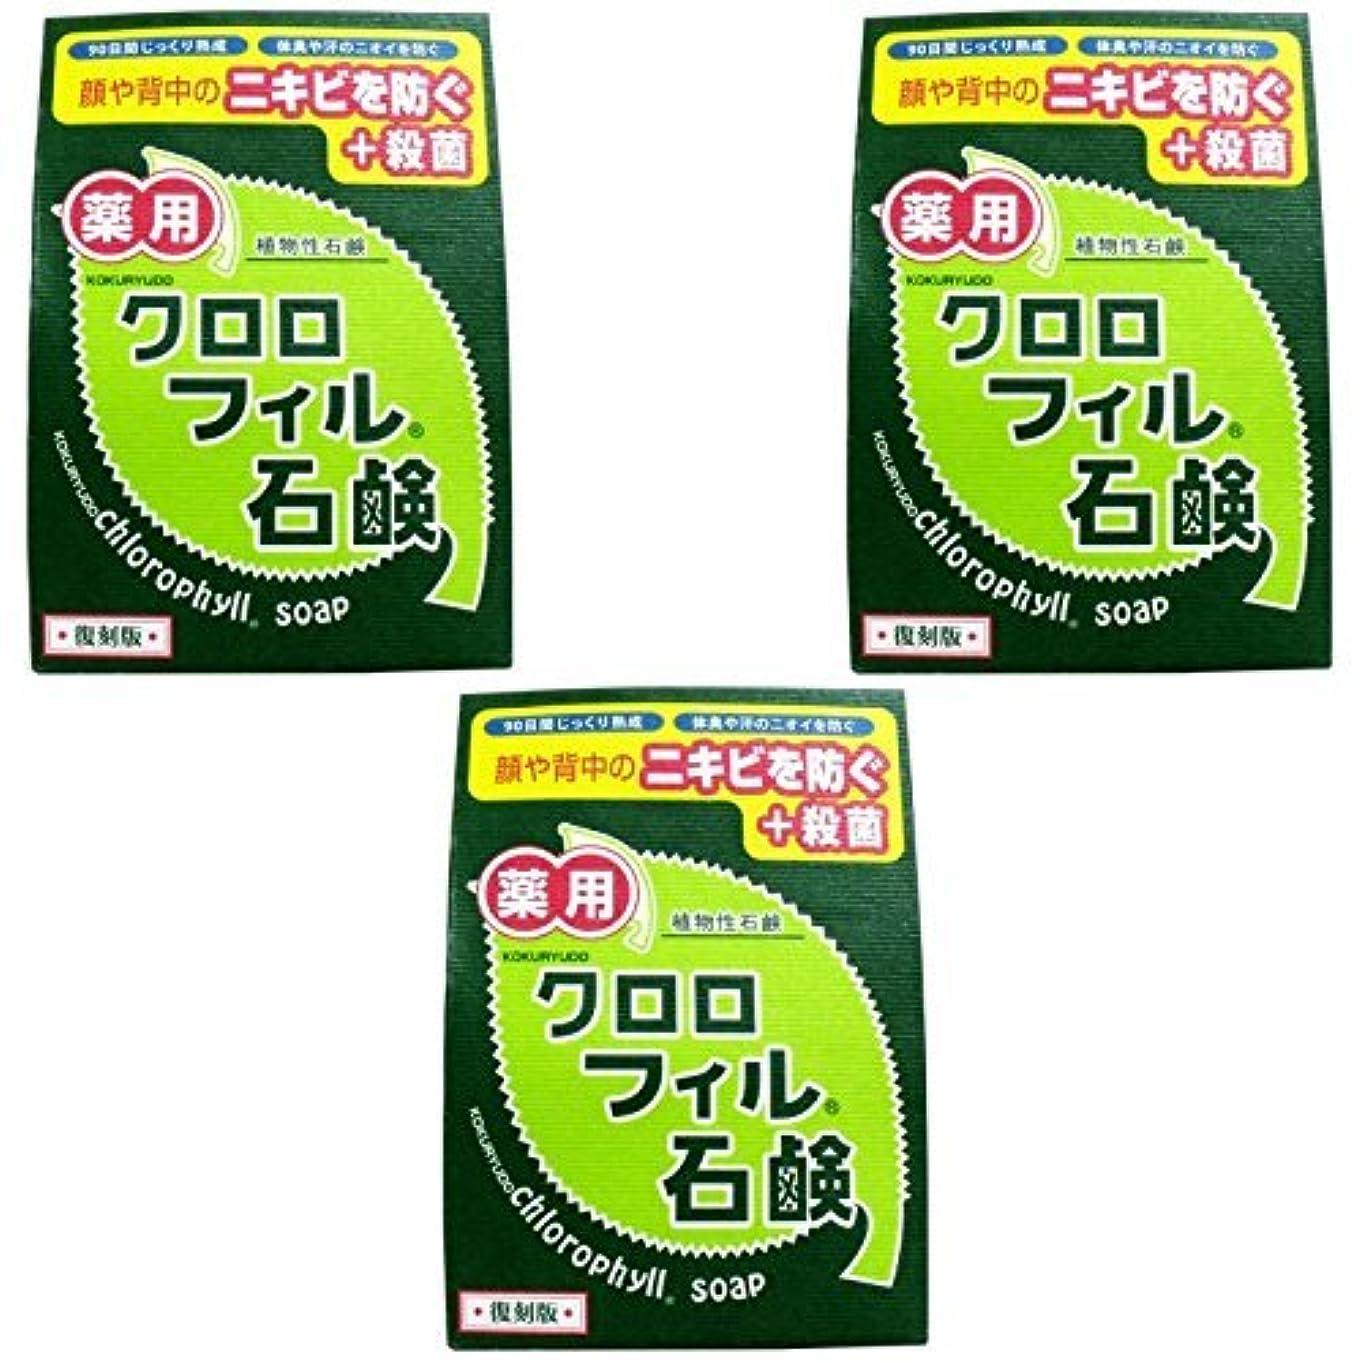 宙返り比較的新しい意味【まとめ買い】クロロフィル石鹸 復刻版 85g (医薬部外品)【×3個】